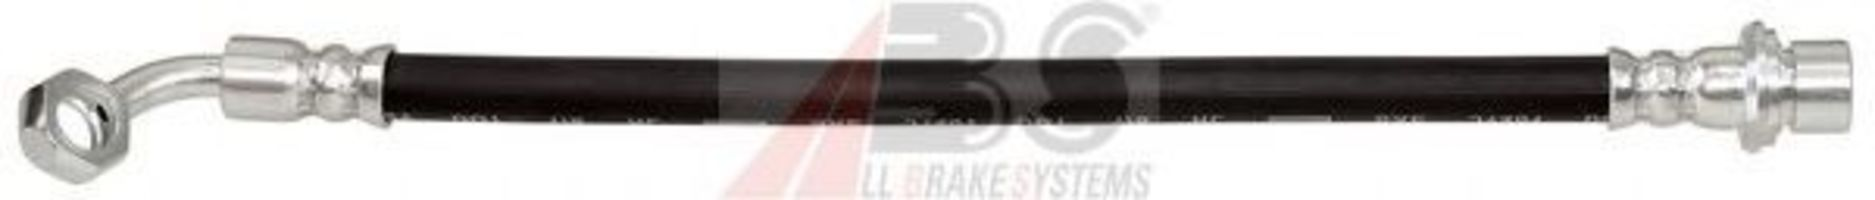 Шланг тормозной A.B.S. SL6292